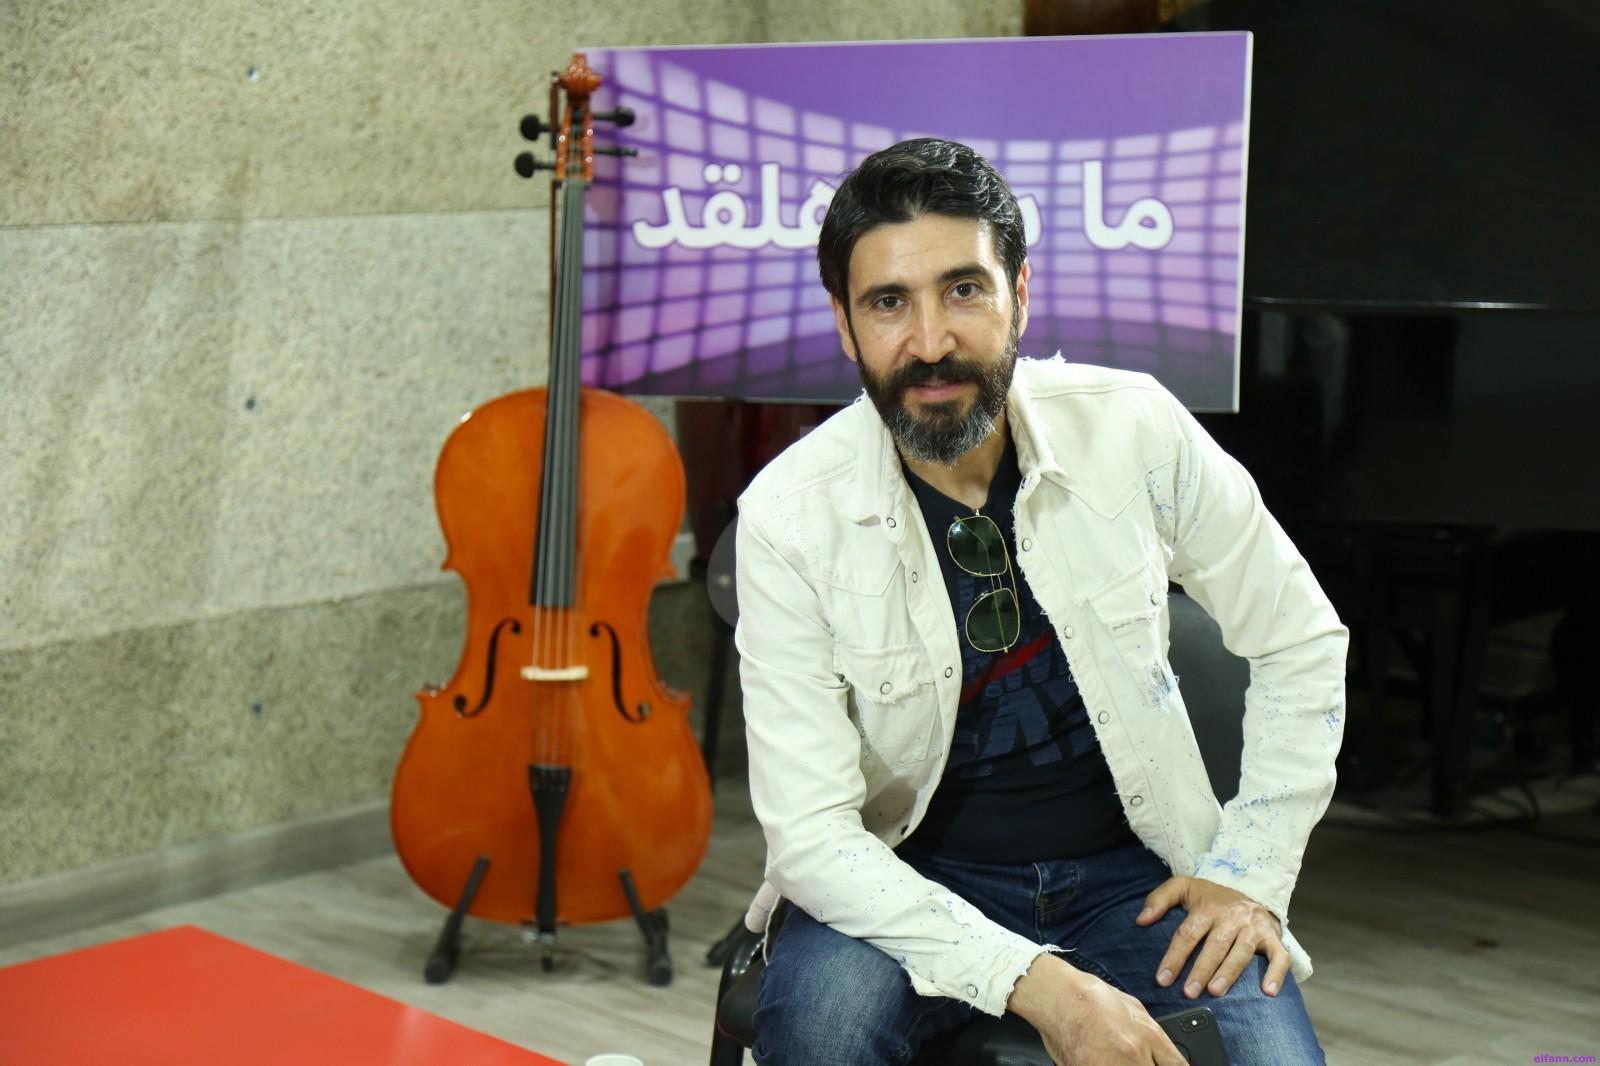 خاص وبالفيديو- هذه هي الممثلة التي يراها وسام صباغ تقف أمامه على الشاشة